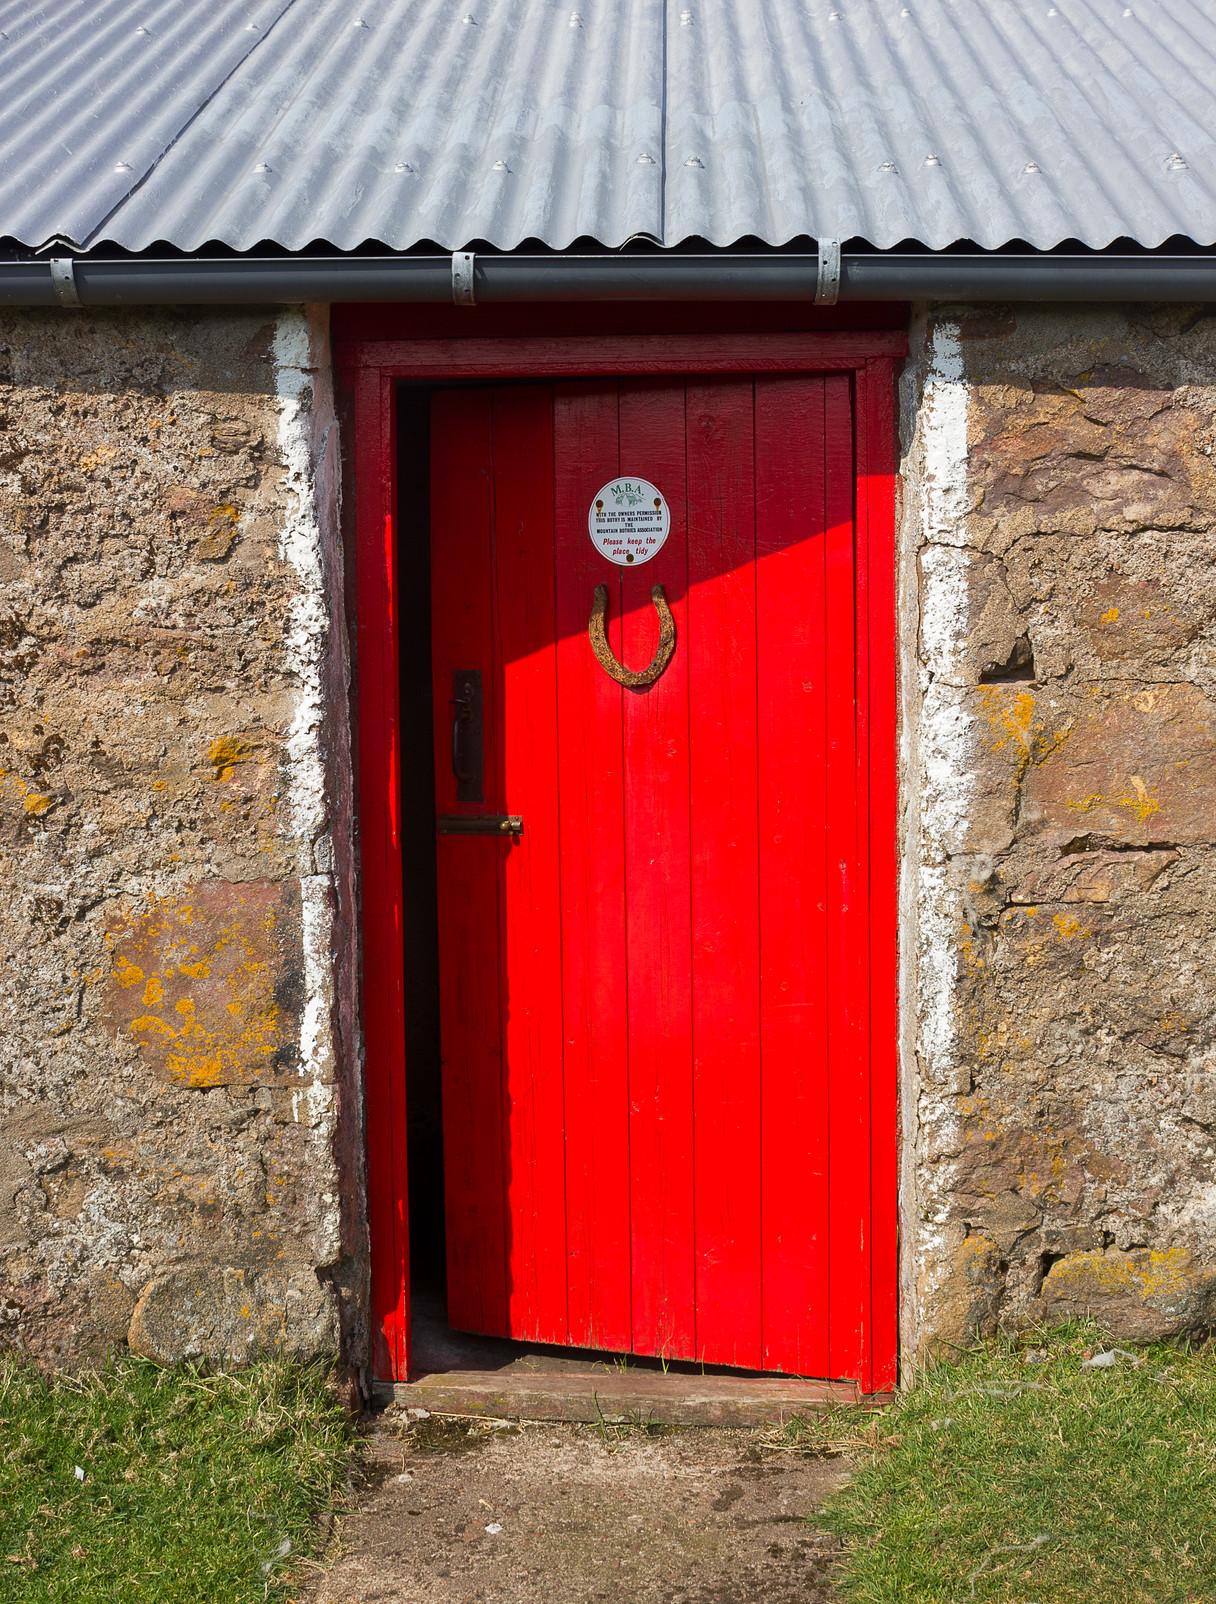 Strathchailleach Bothy, Northern Highlands